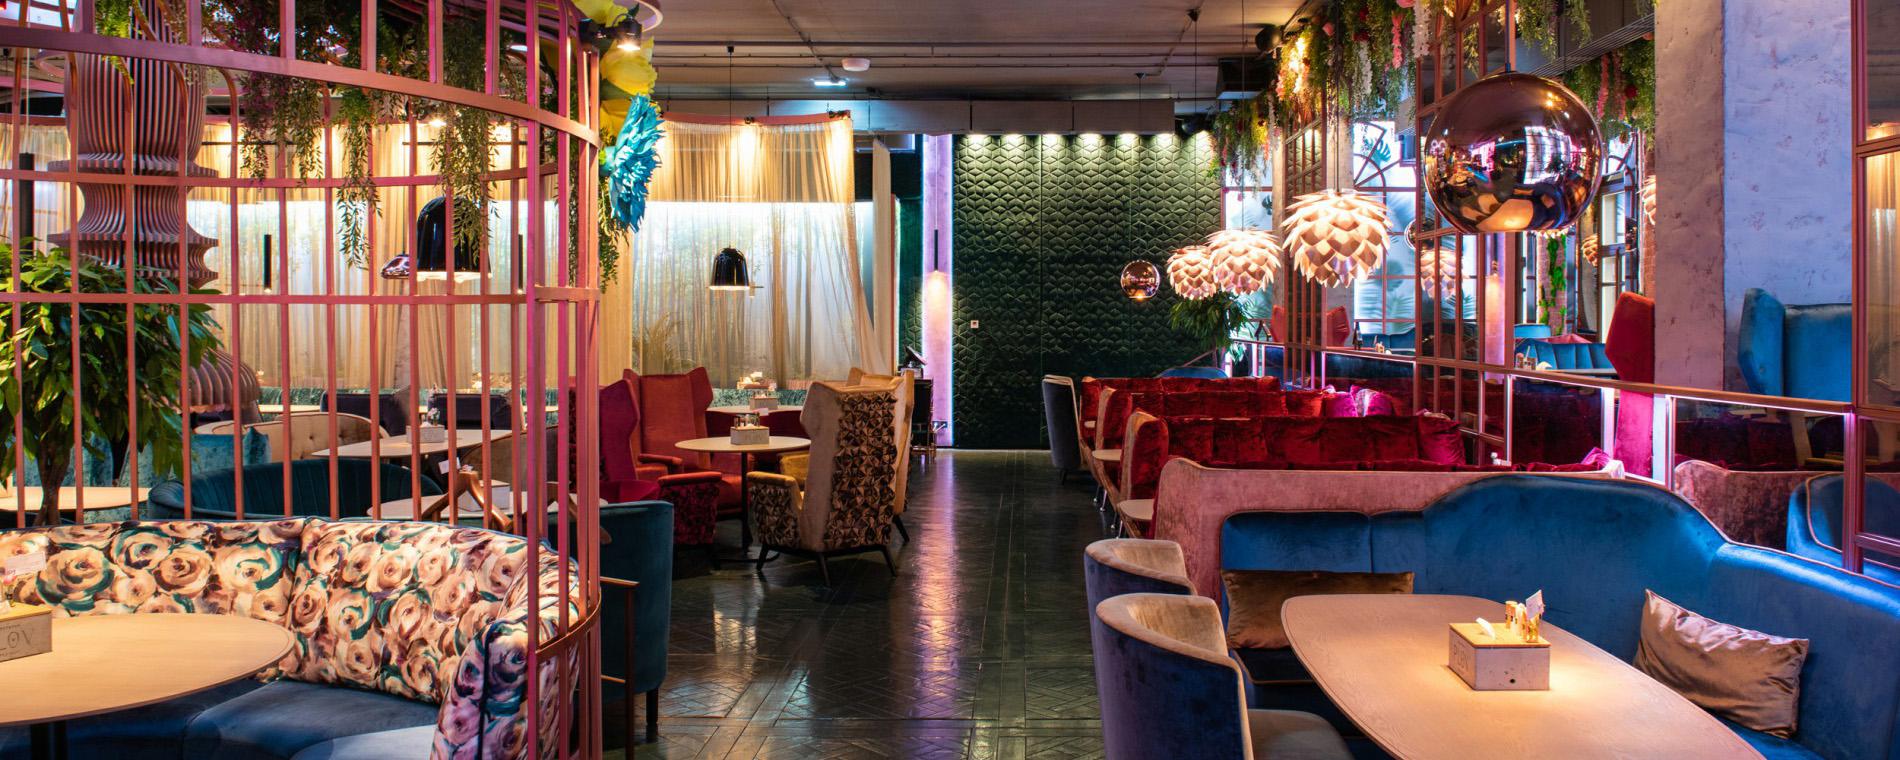 Restoran «PLOV project»